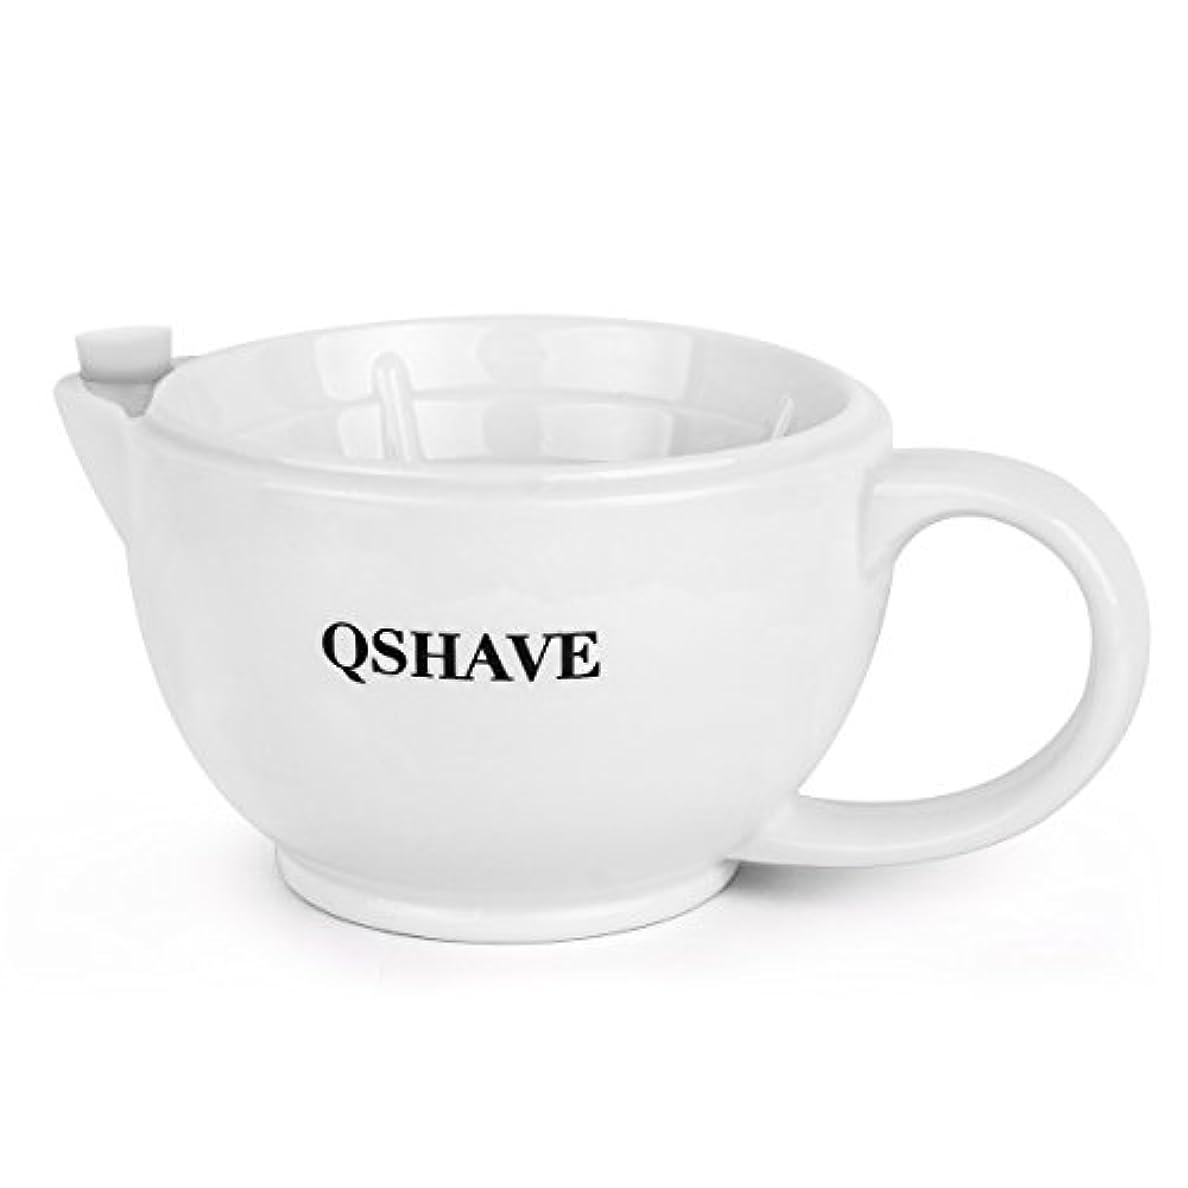 お願いしますペア慢なQSHAVE シェービングシャトルのマグカップ - 常に泡を保つ - 手作りの陶器のカップ 白